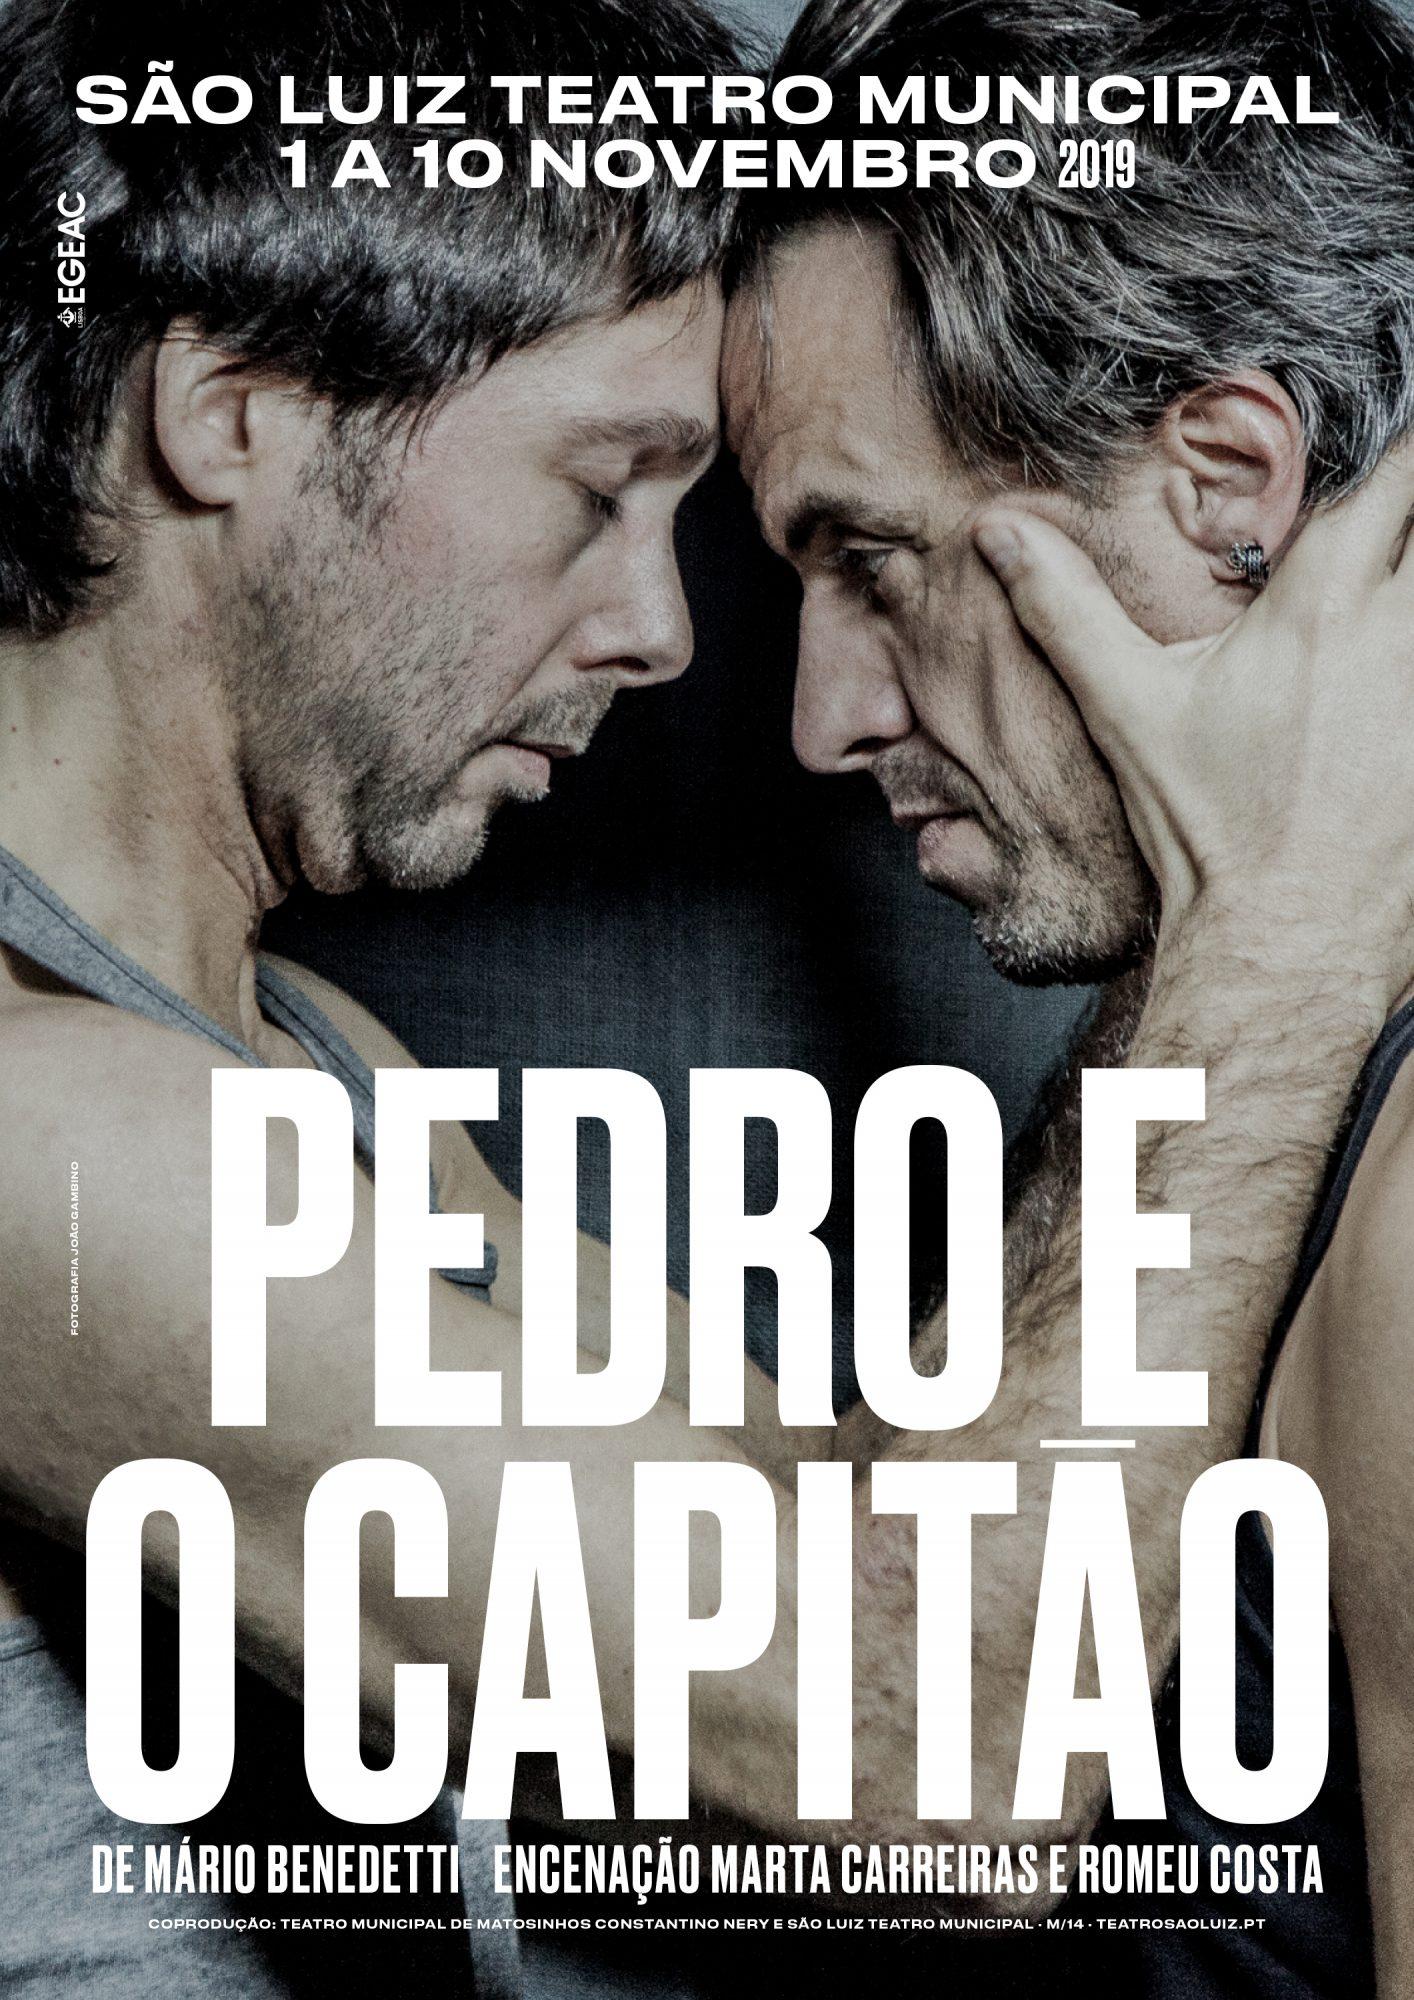 Pedro e o Capitão, novembro 2019